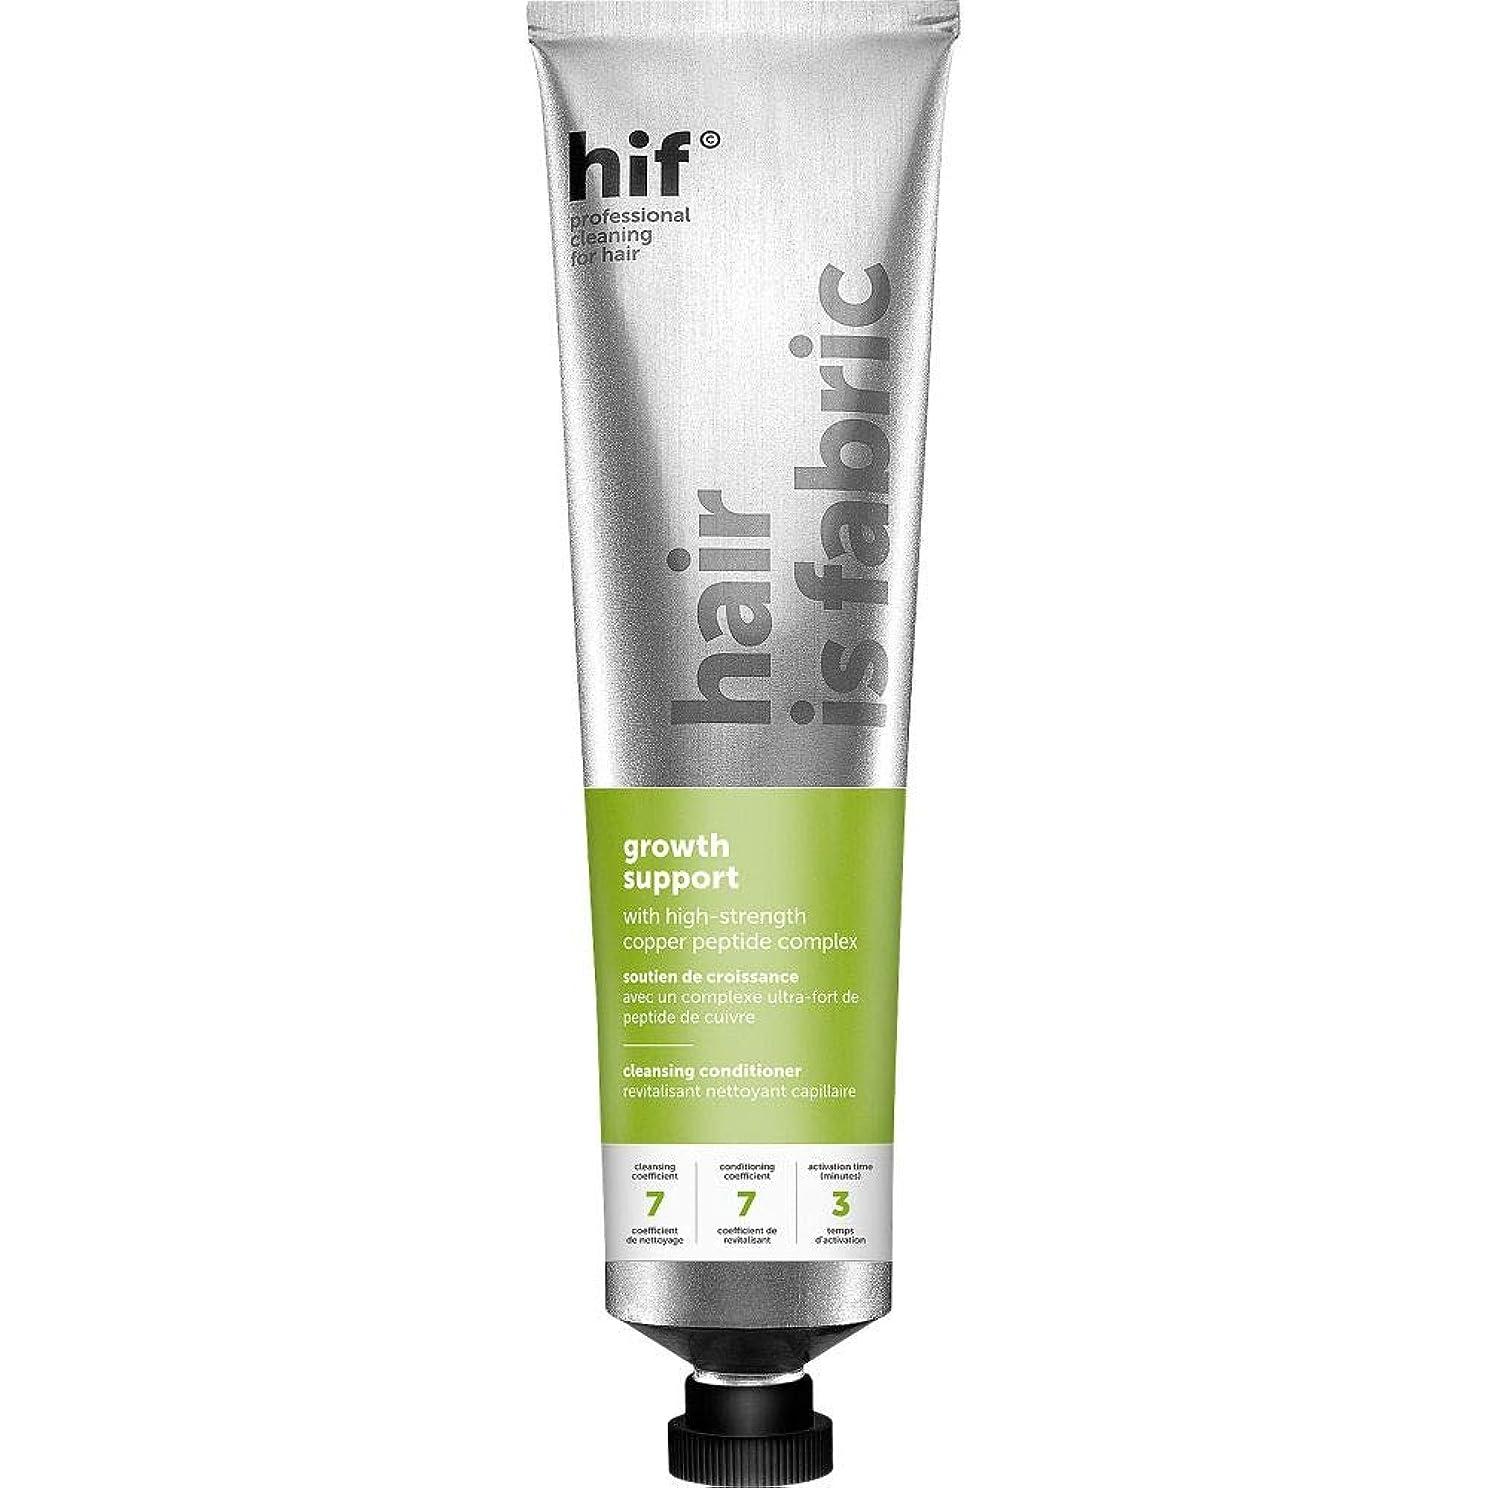 シミュレートする大手を差し伸べる[HIF] Hif成長支援クレンジングコンディショナー180ミリリットル - HIF Growth Support Cleansing Conditioner 180ml [並行輸入品]